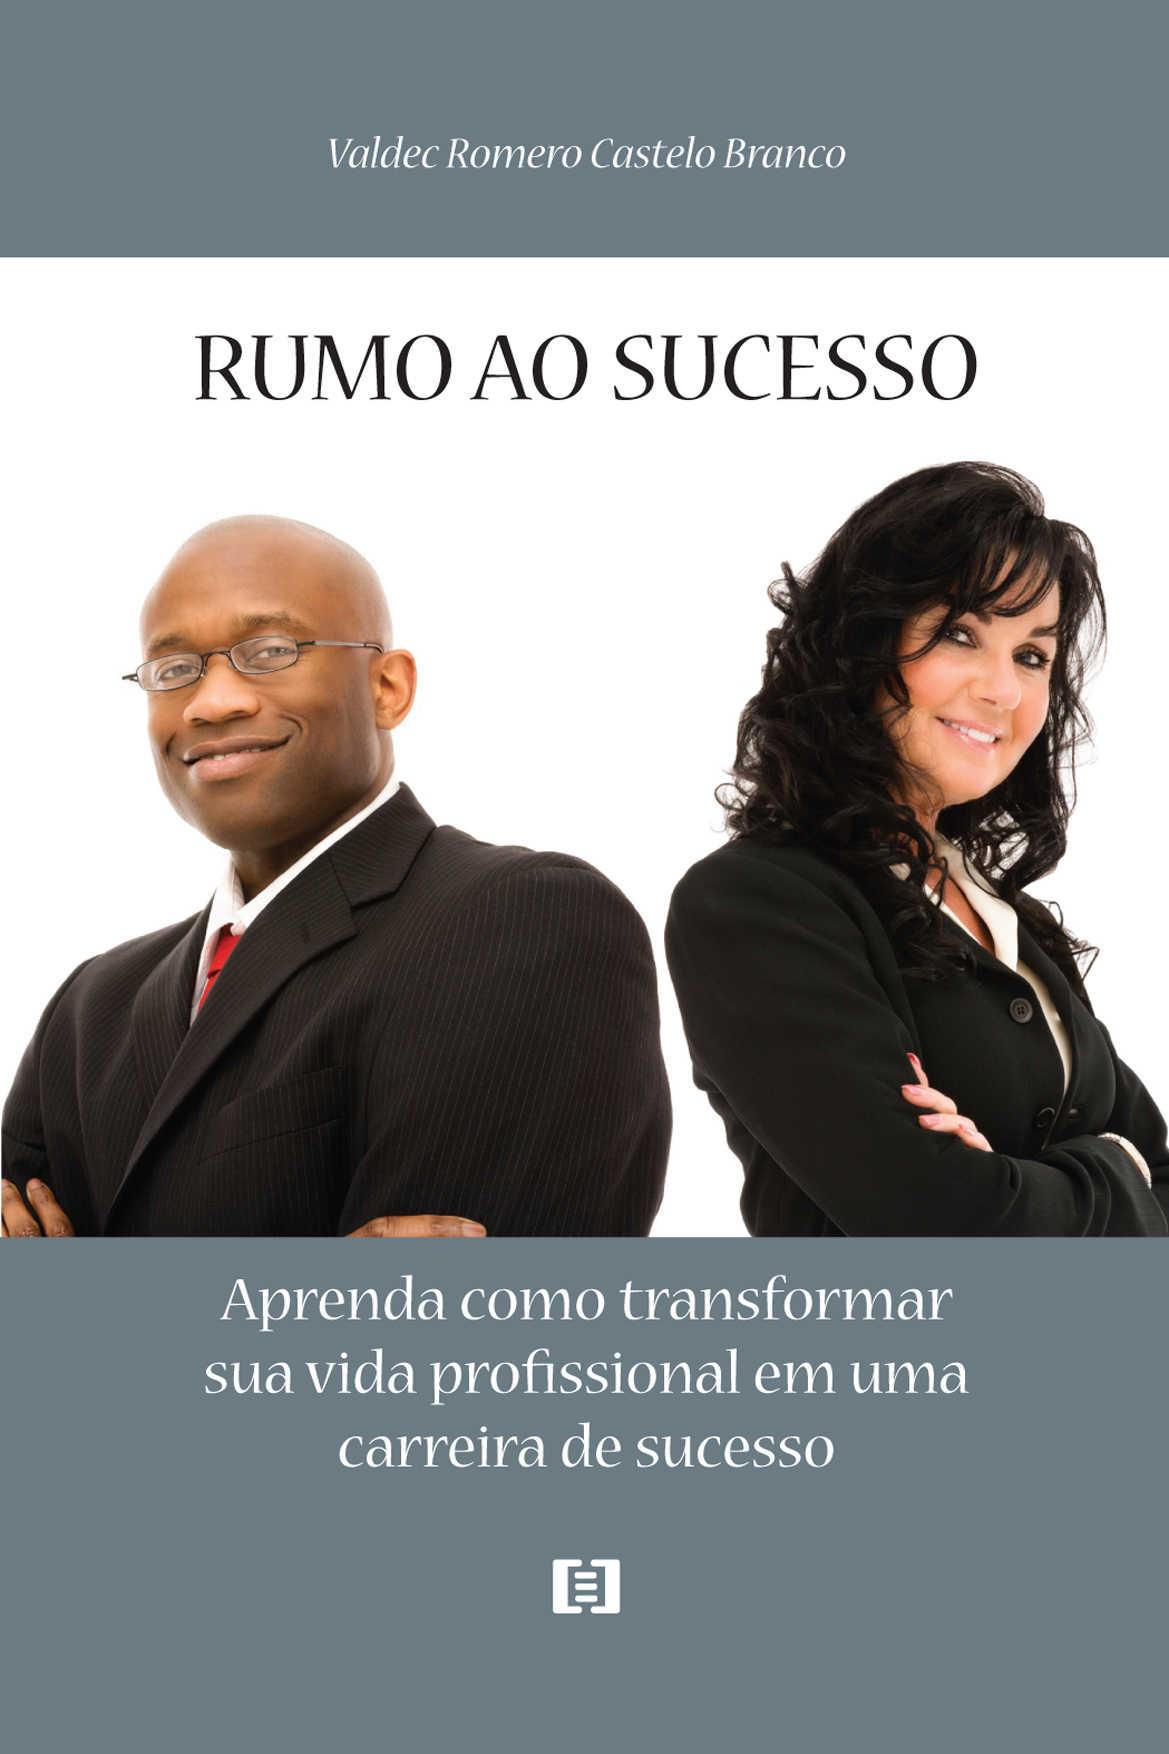 Rumo ao Sucesso: Aprenda como transformar sua vida profissional em uma carreira de sucesso